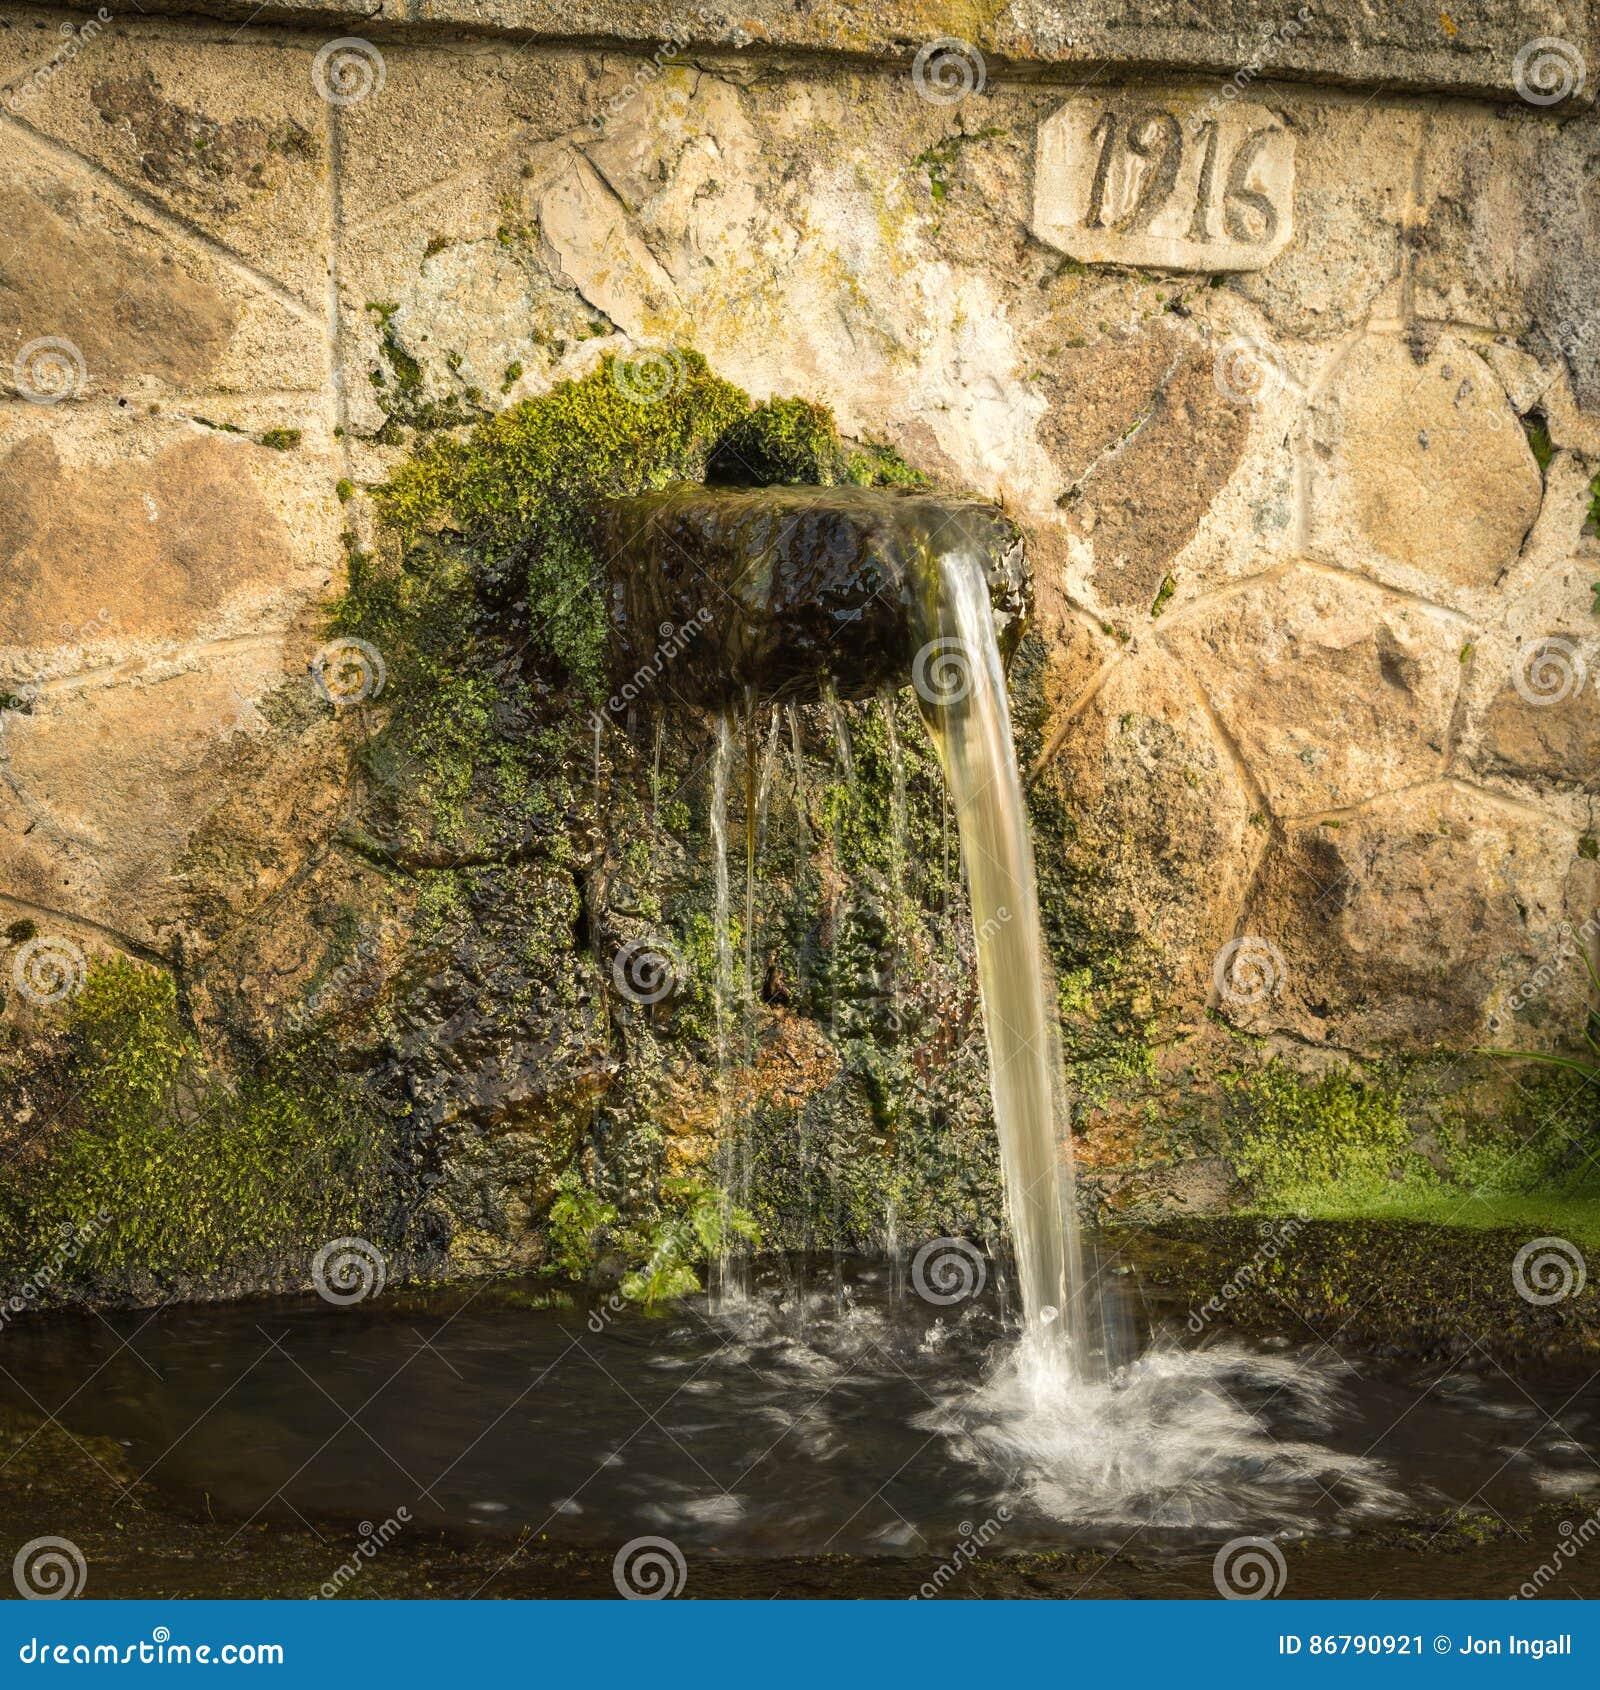 agua fuente obturador piedra